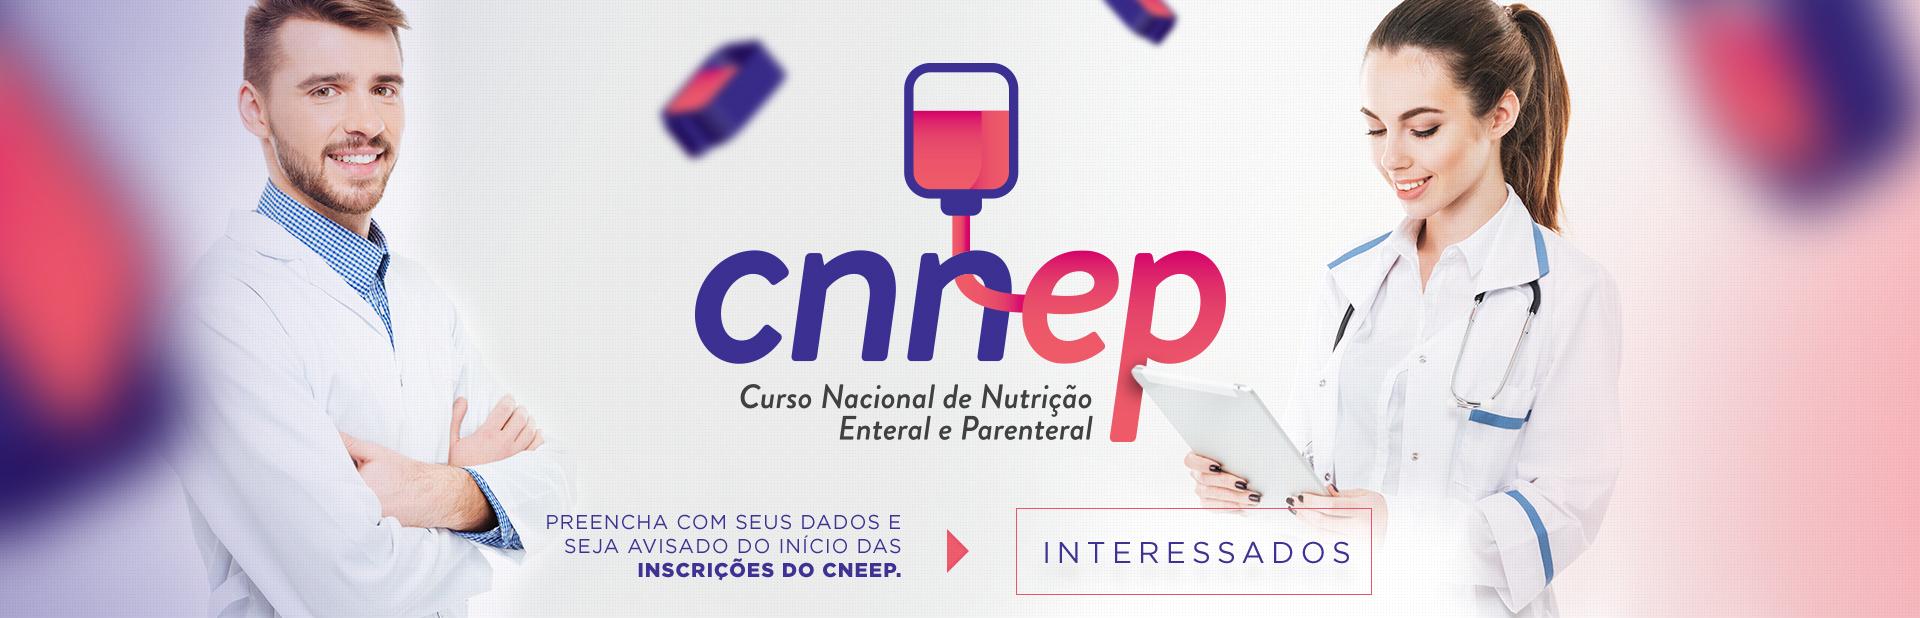 ABRAN - CNNEP - Interessados - Curso Nacional de Nutrologia Enteral e Parenteral